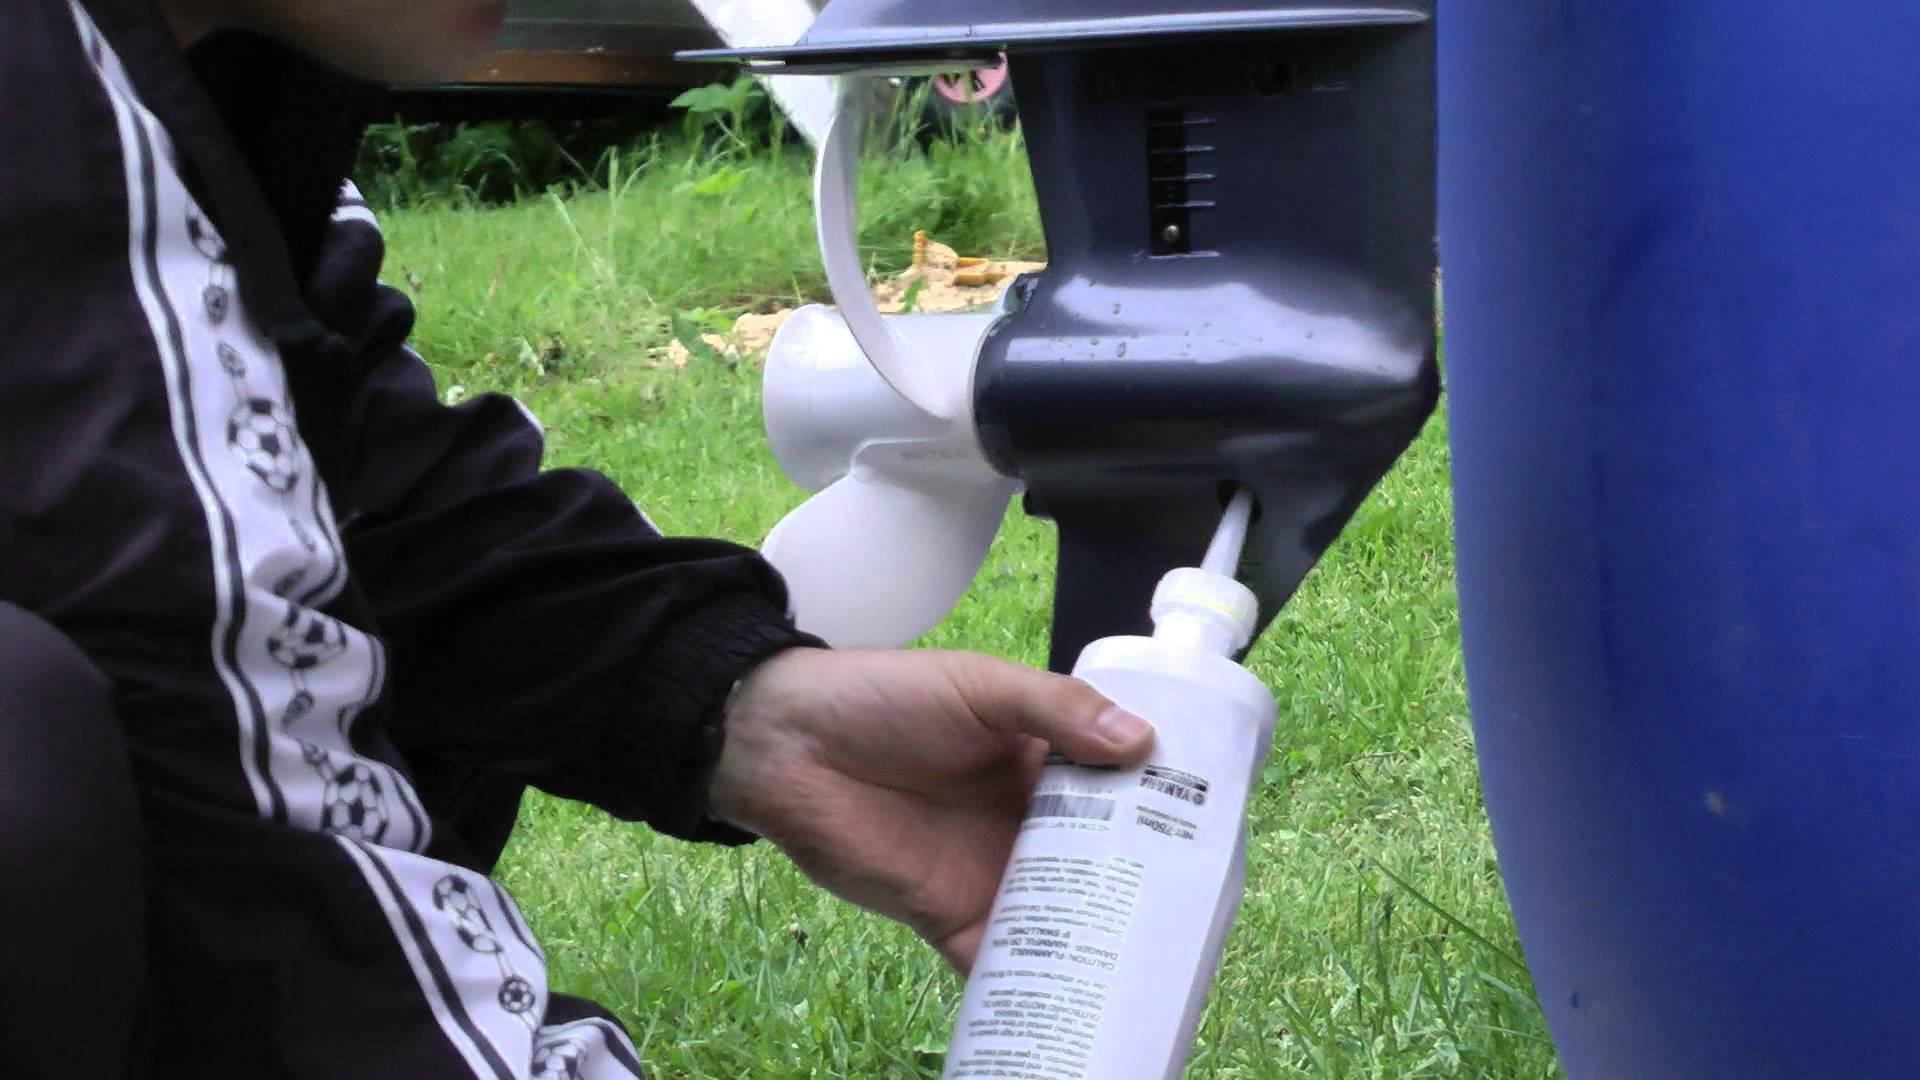 Замена масла в редукторе лодочного мотора самостоятельно - страница 2